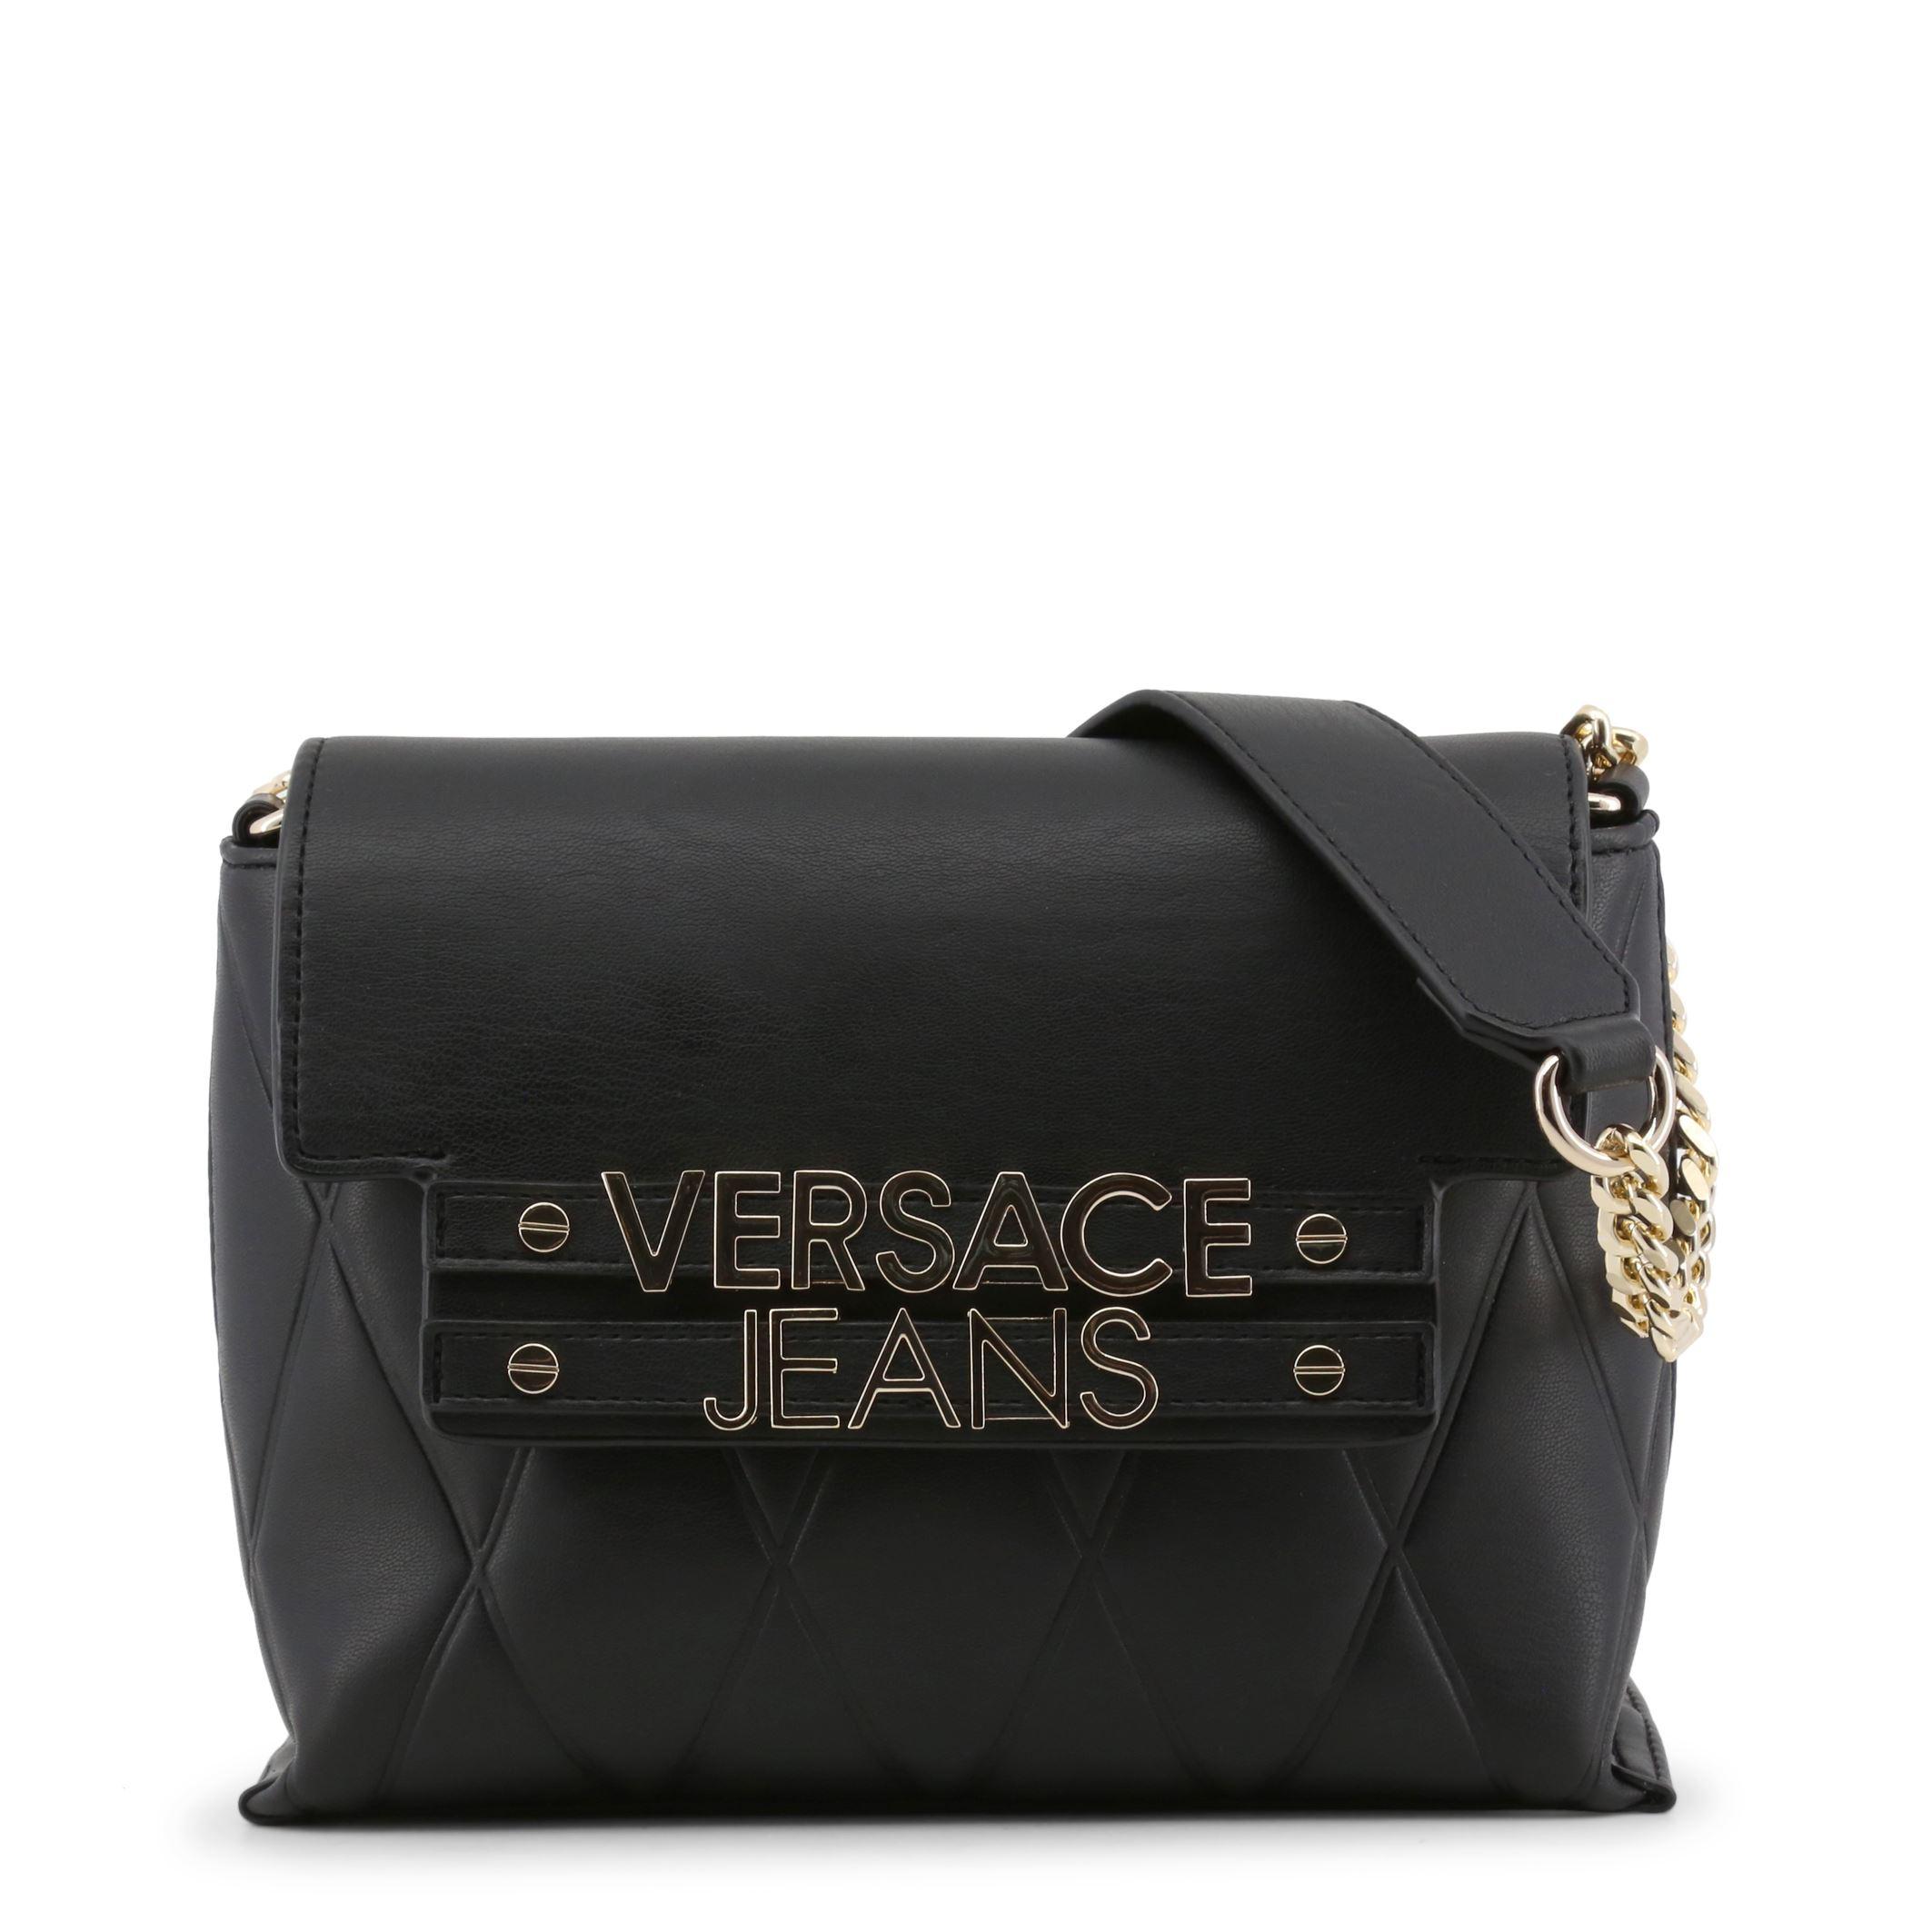 4a0837cc33 Versace Jeans Women s Black Shoulder Bag Magnetic Faux Leather ...